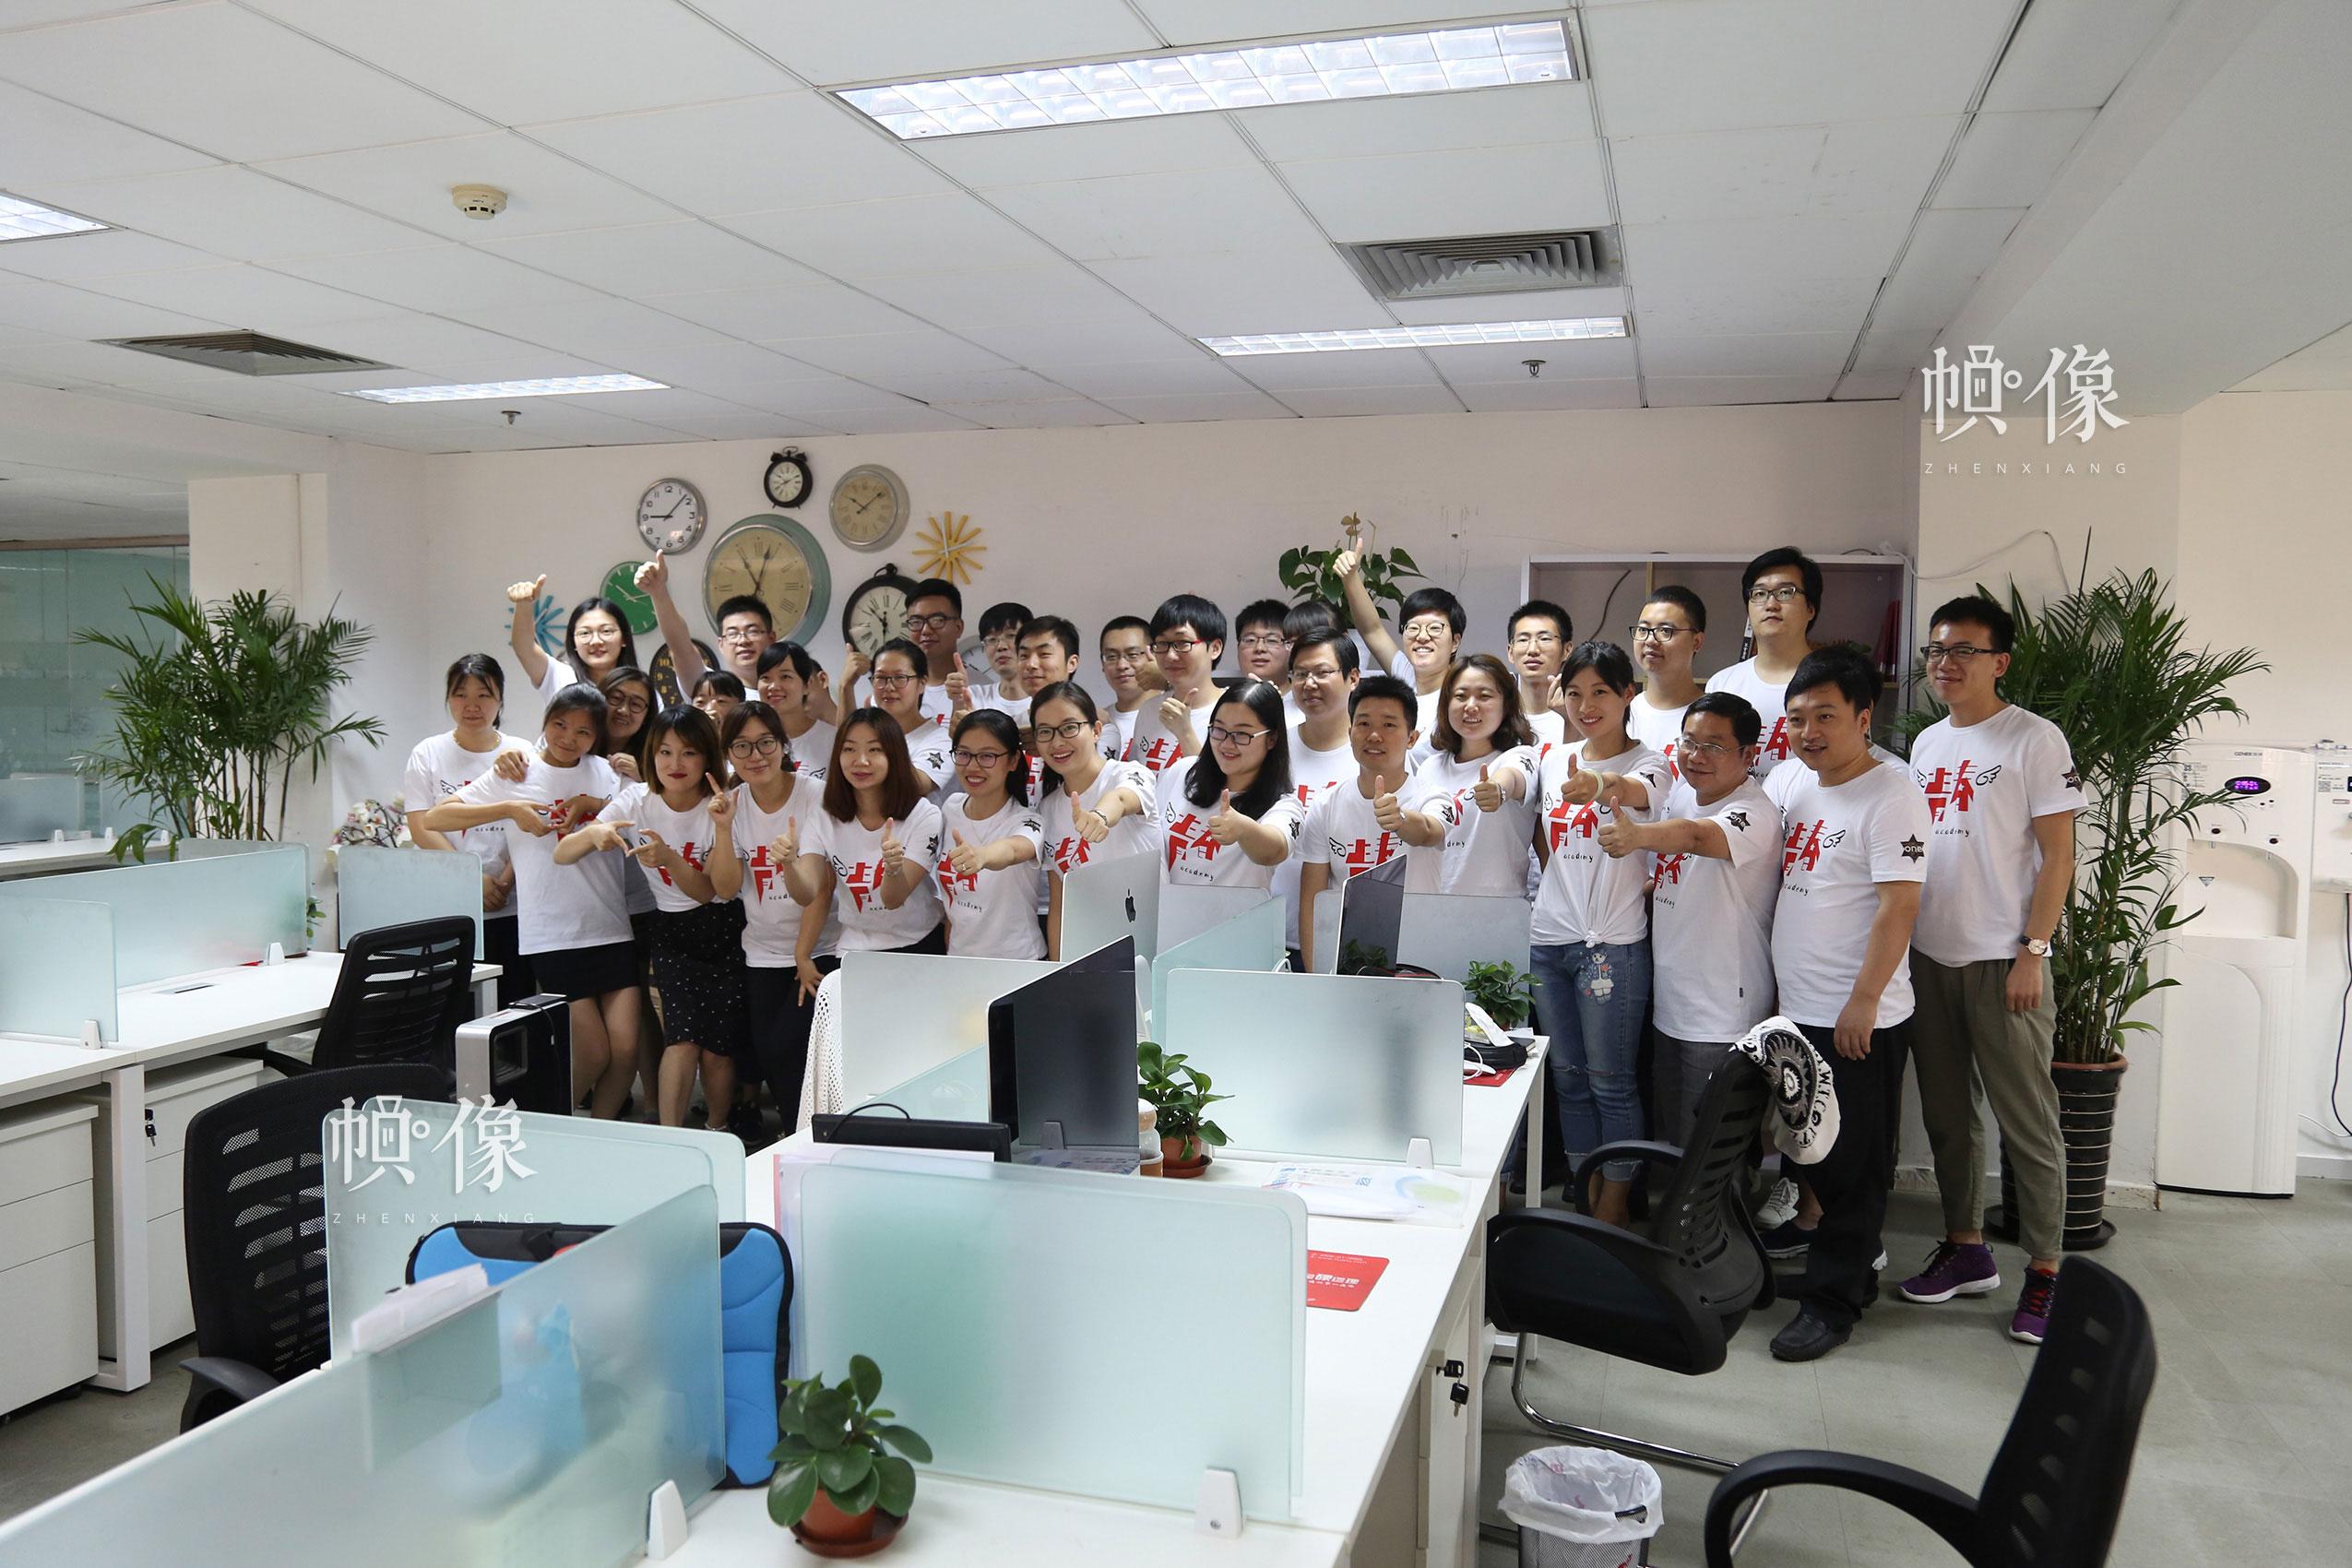 2017年,北京,华图教育研发中心员工合影。中国网记者 黄富友 摄